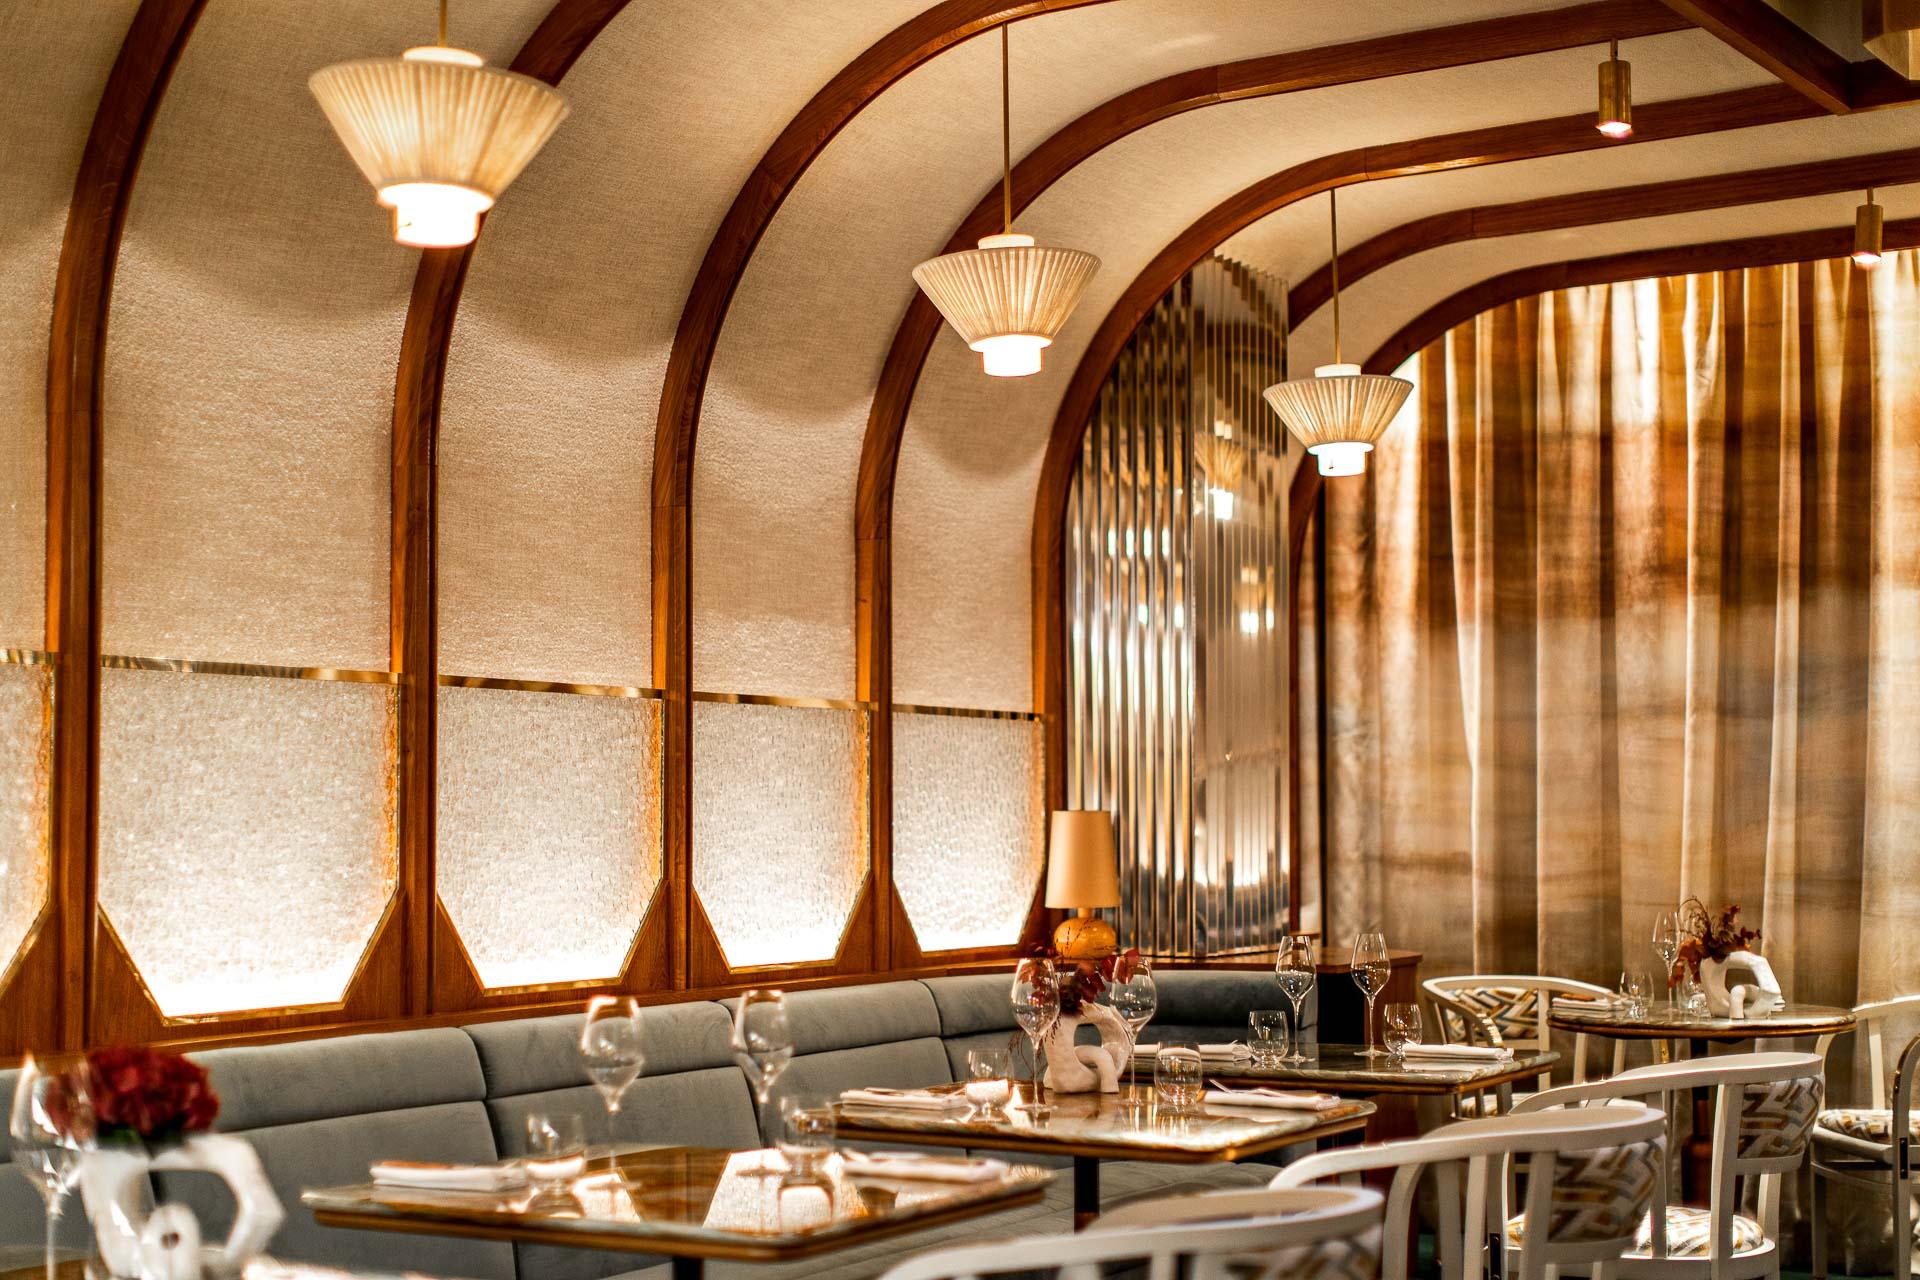 Le 9 octobre, Stéphanie Le Quellec ouvrait La Scène au 32 avenue Matignon, seulement sept mois après son départ du Prince de Galles. Un nouveau départ pour la cheffe doublement étoilée qui révèle un lieu hybride : restaurant gastronomique mais pas uniquement. Découverte.